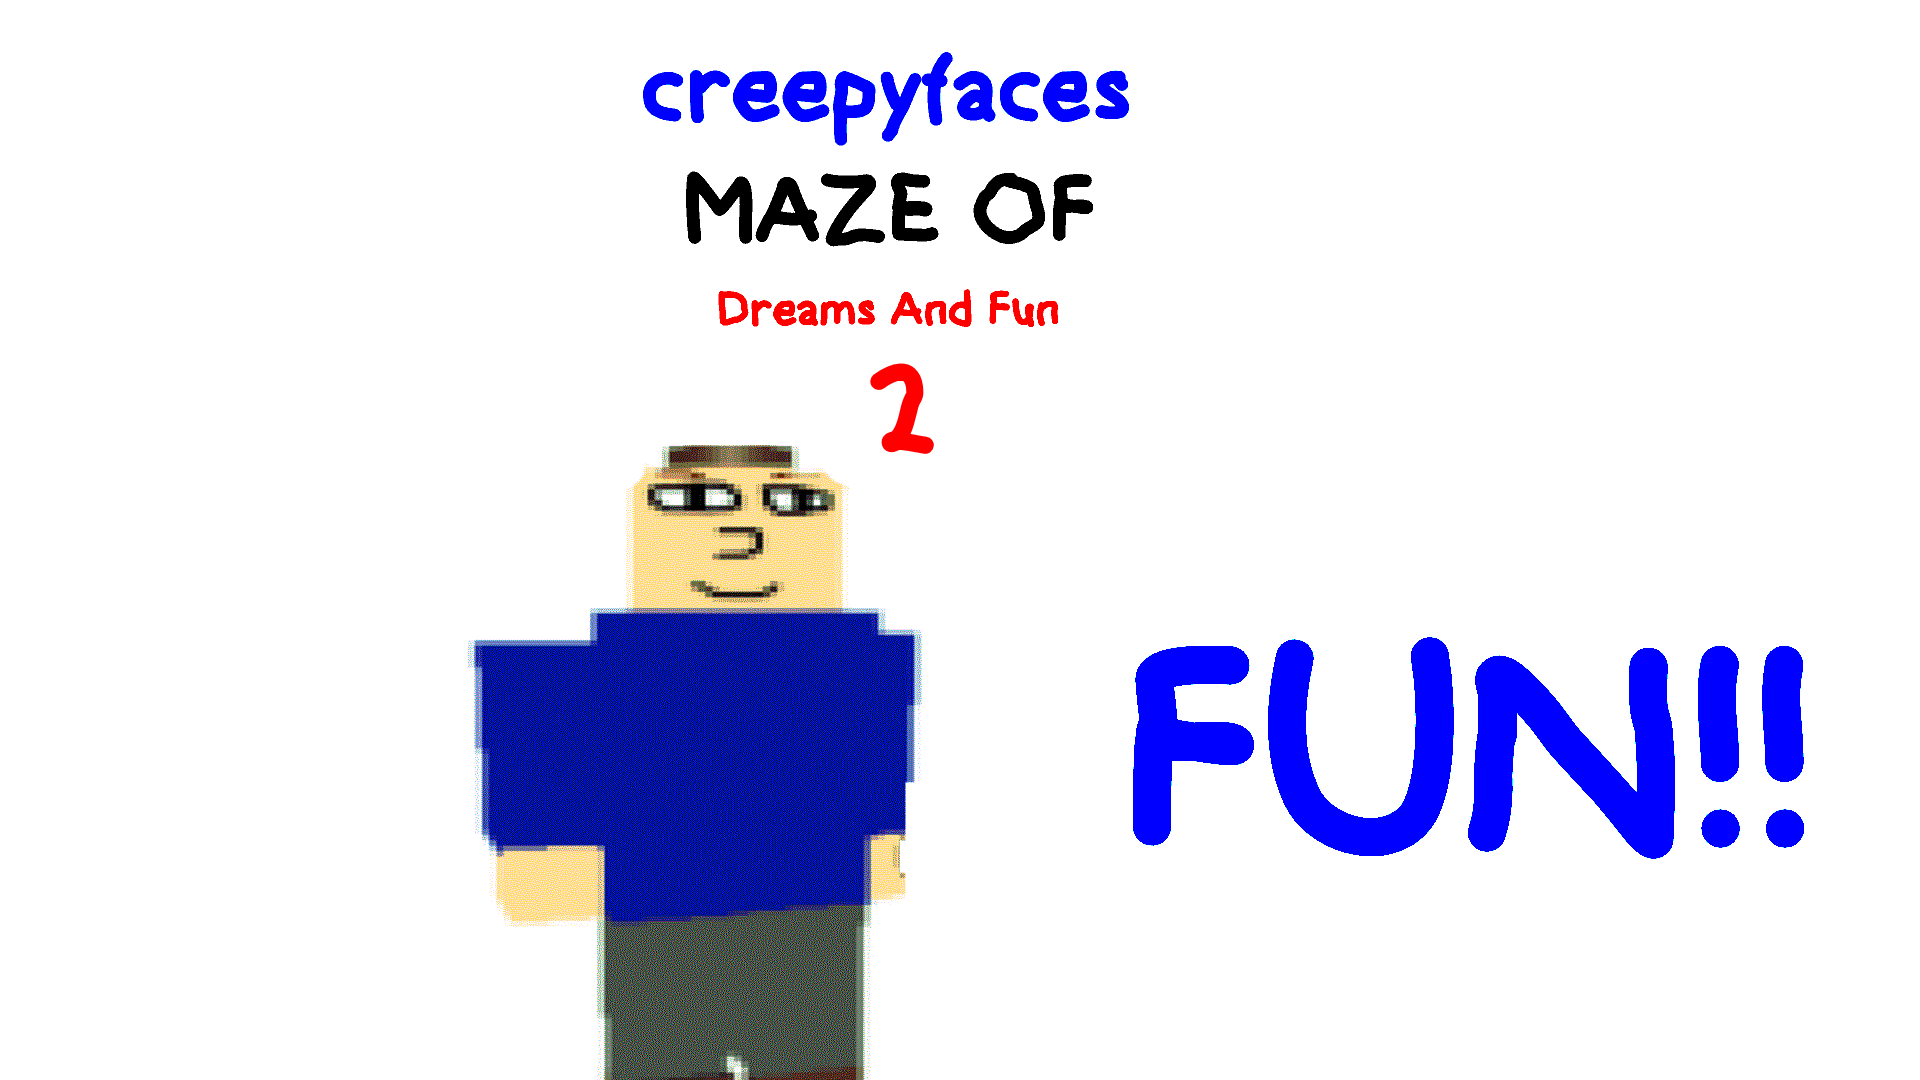 creepyfaces Maze Of Dreams And Fun 2